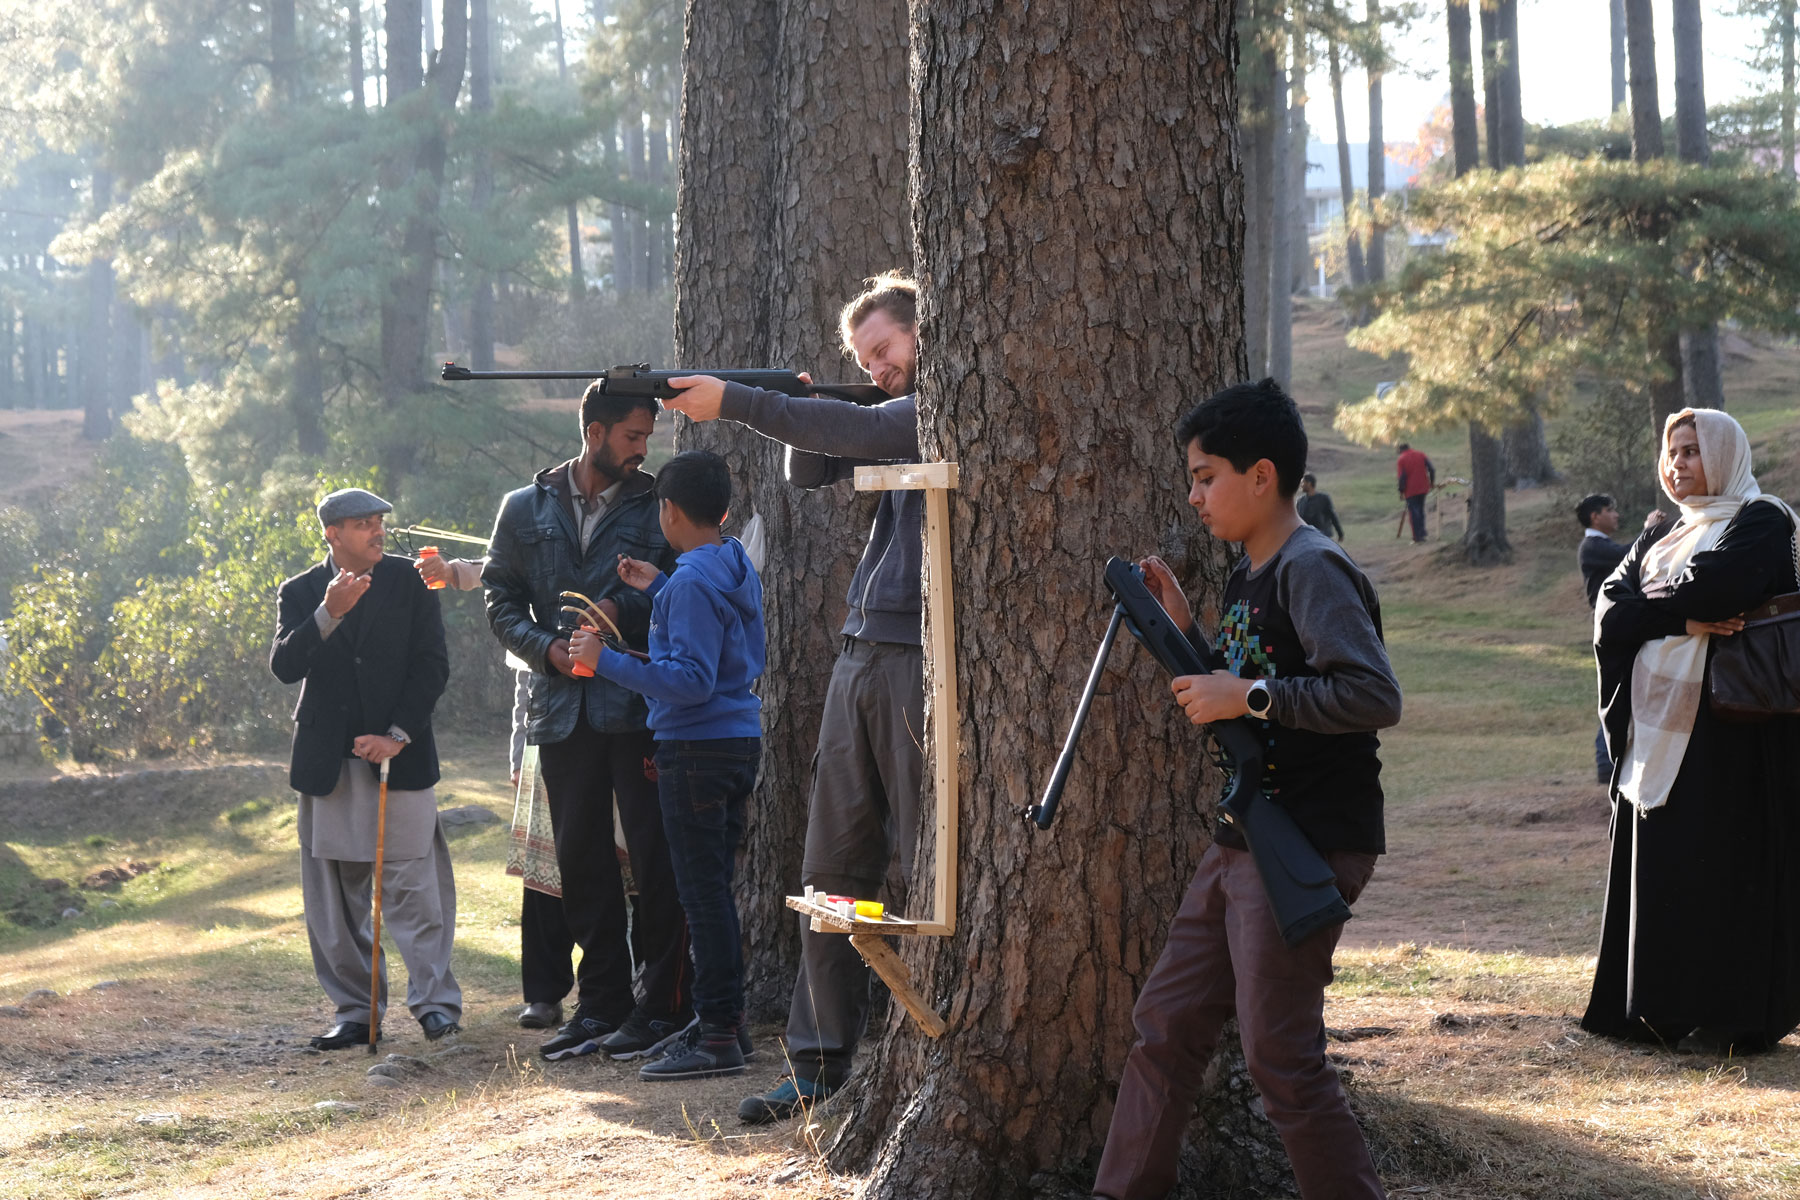 Sebastian steht zwischen zwei Bäumen und schießt mit einem Luftgewehr.